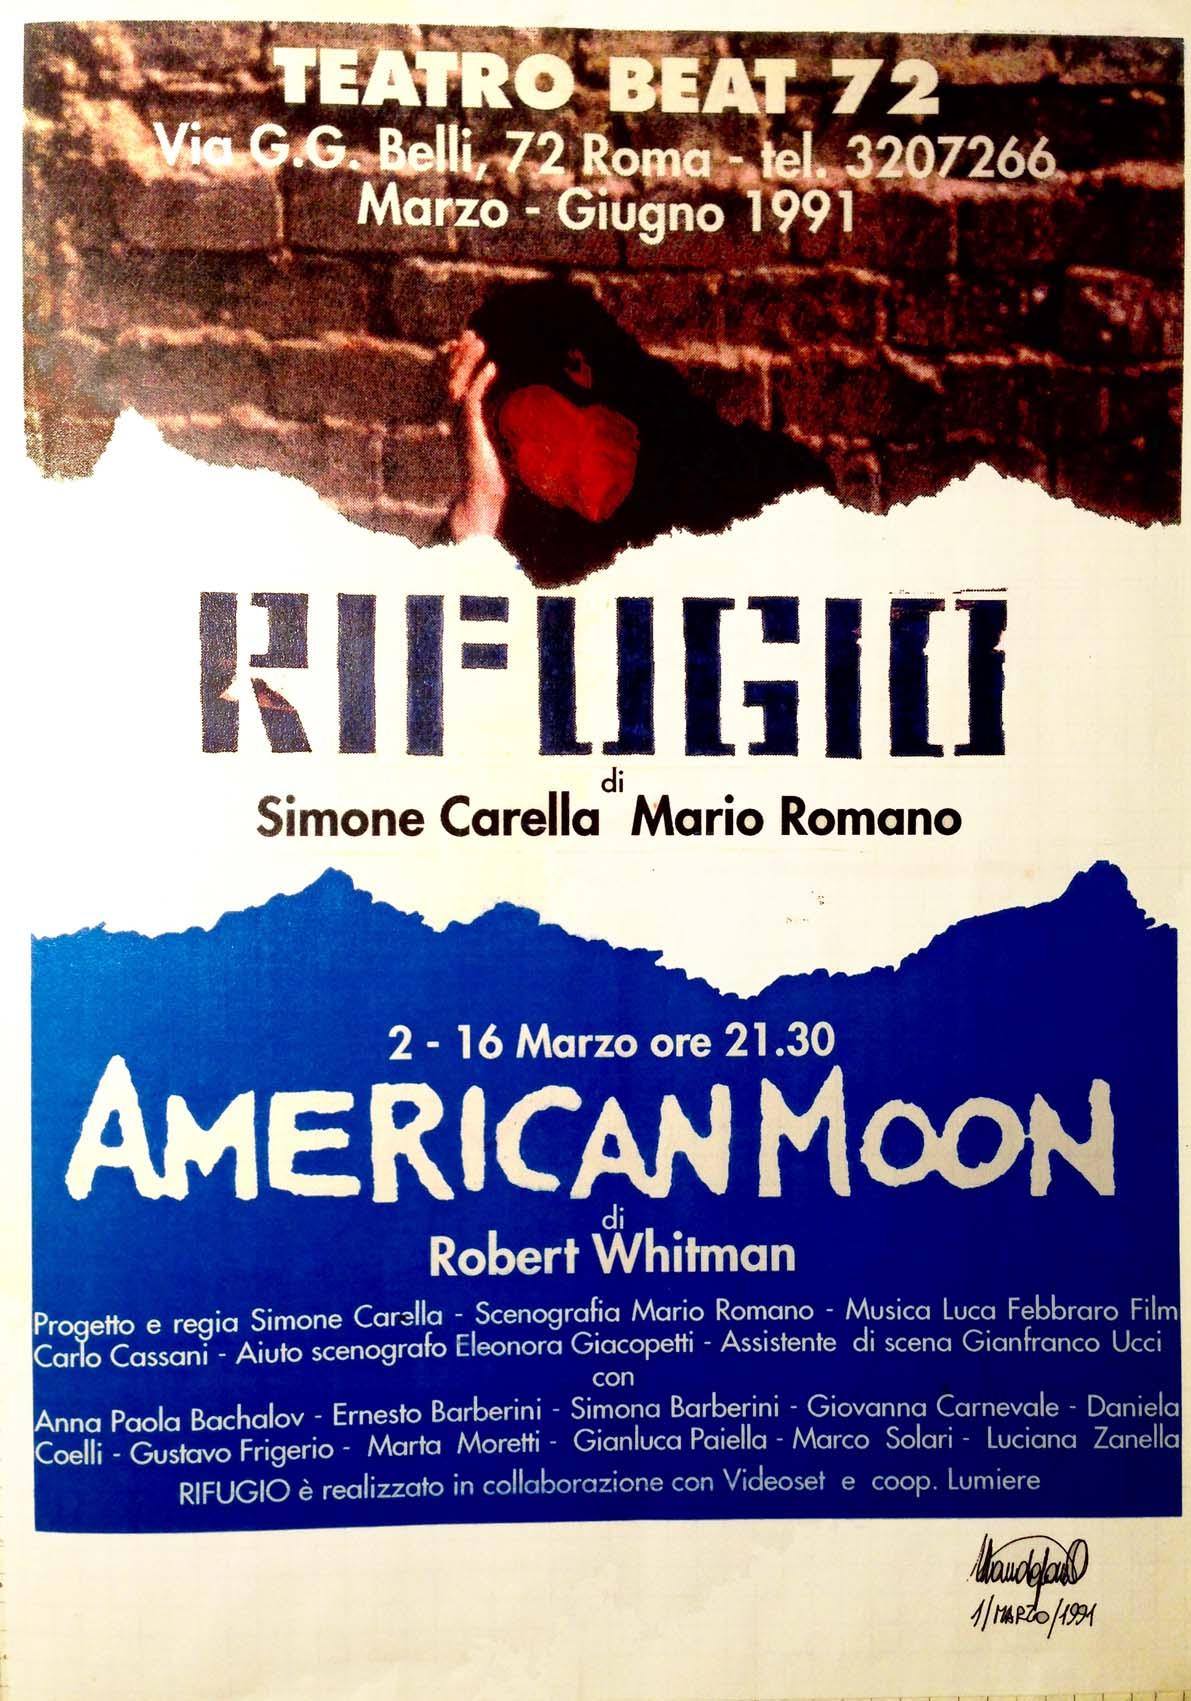 Locandina_Rifugio